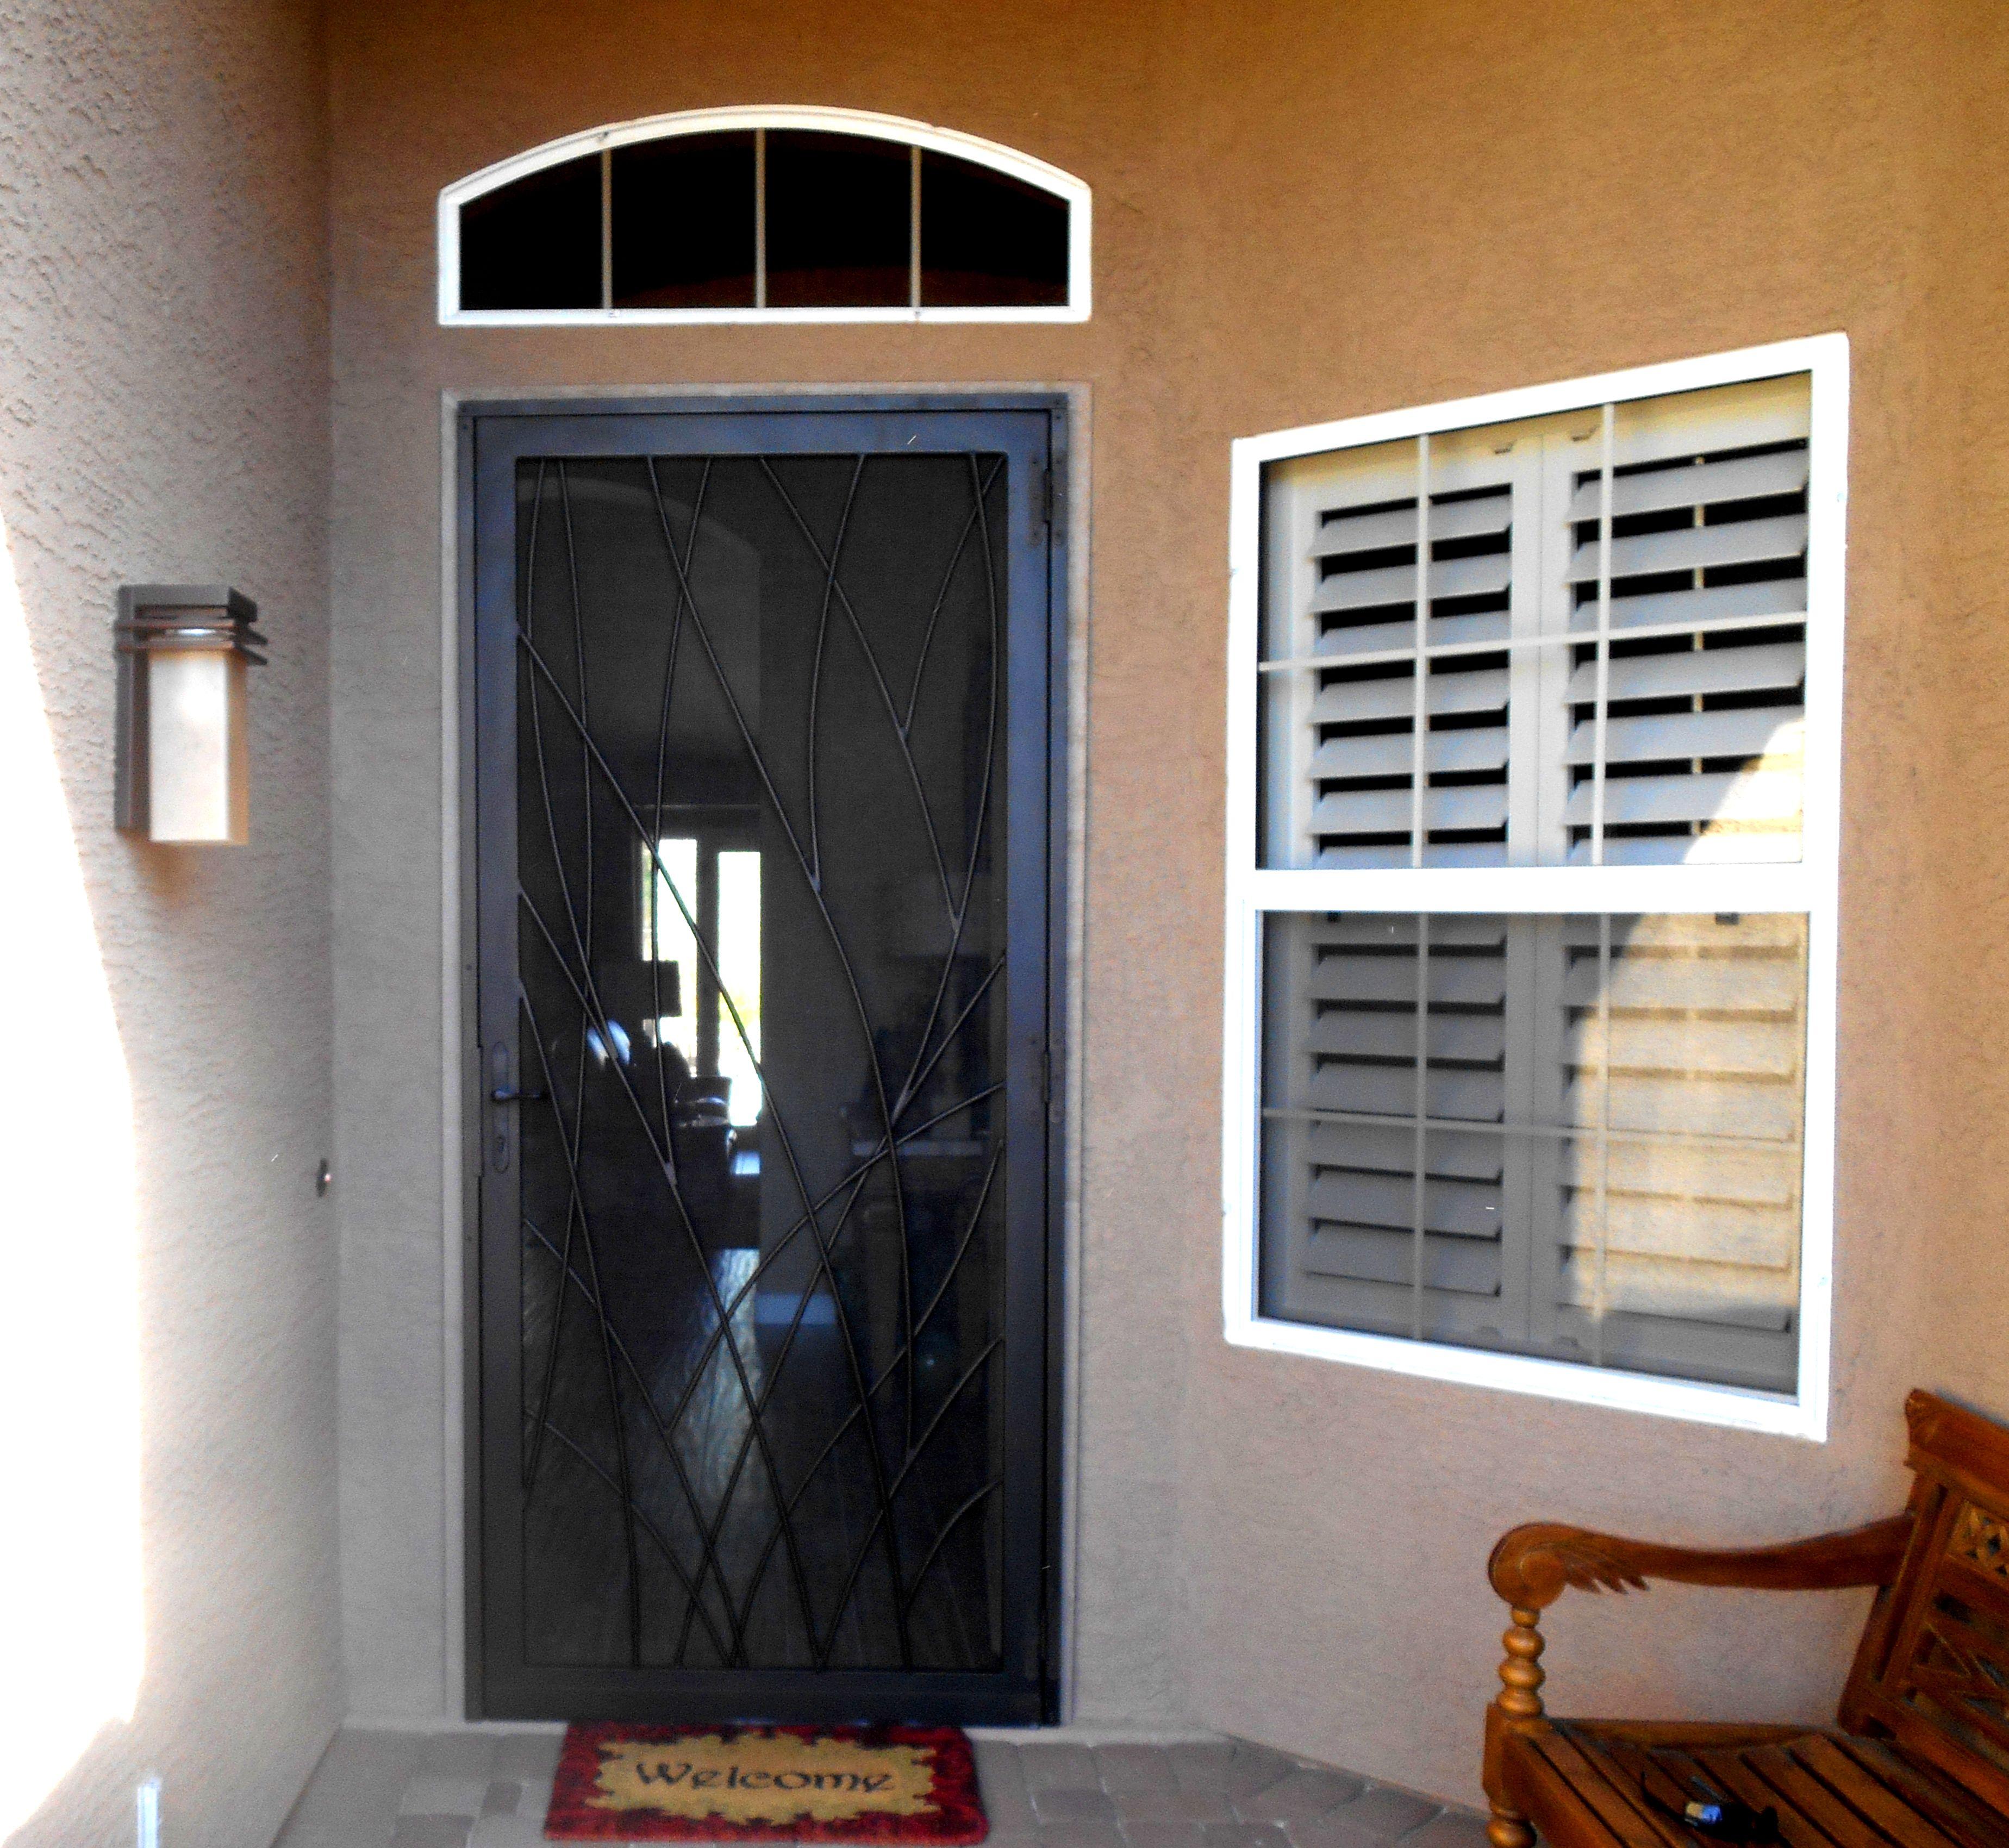 3400 #6F3B1A  Gates Security Door Grisham Steel Security Doors / Bars Pin wallpaper Steel Security Bars For Doors 7553696